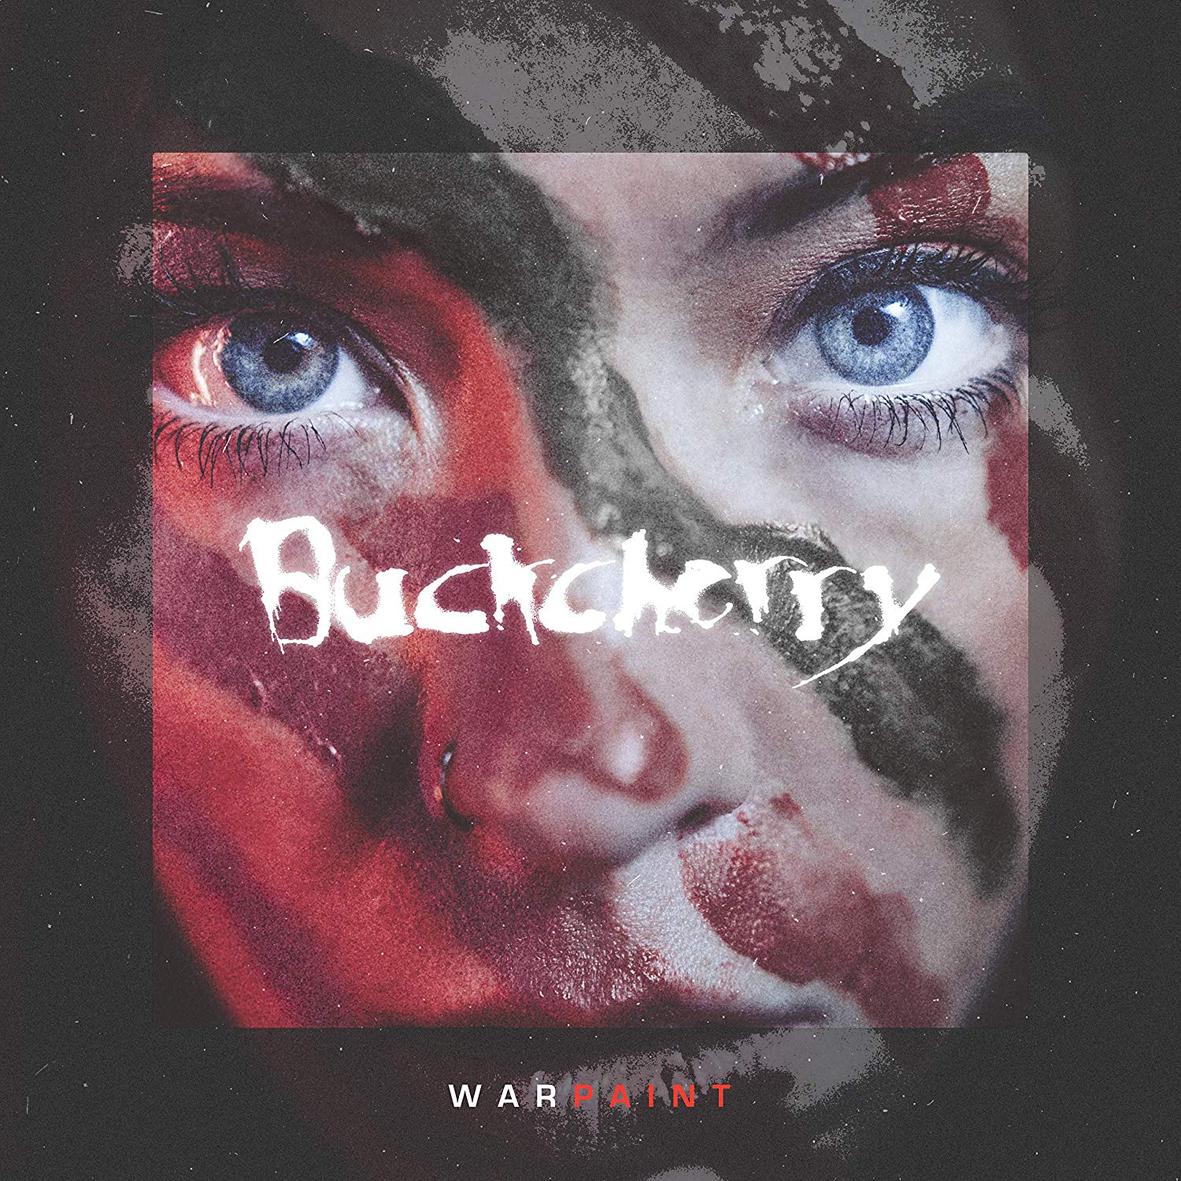 Review: Buckcherry – Warpaint